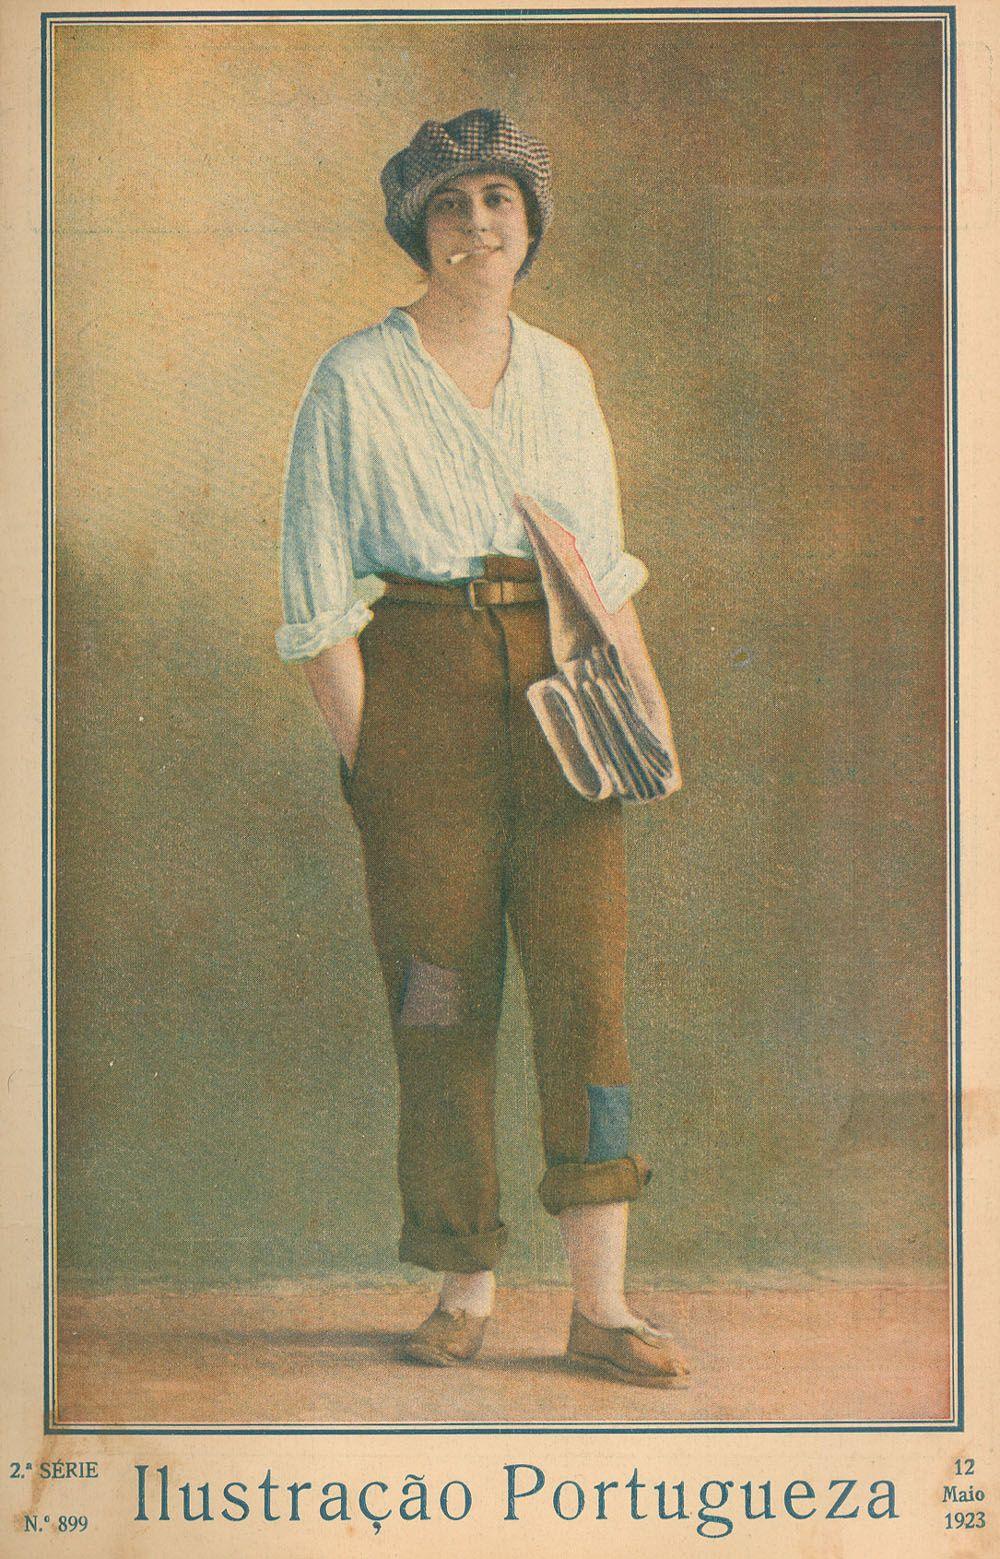 1923 - Ilustração Portuguesa  Cross dressing as a newspaper seller